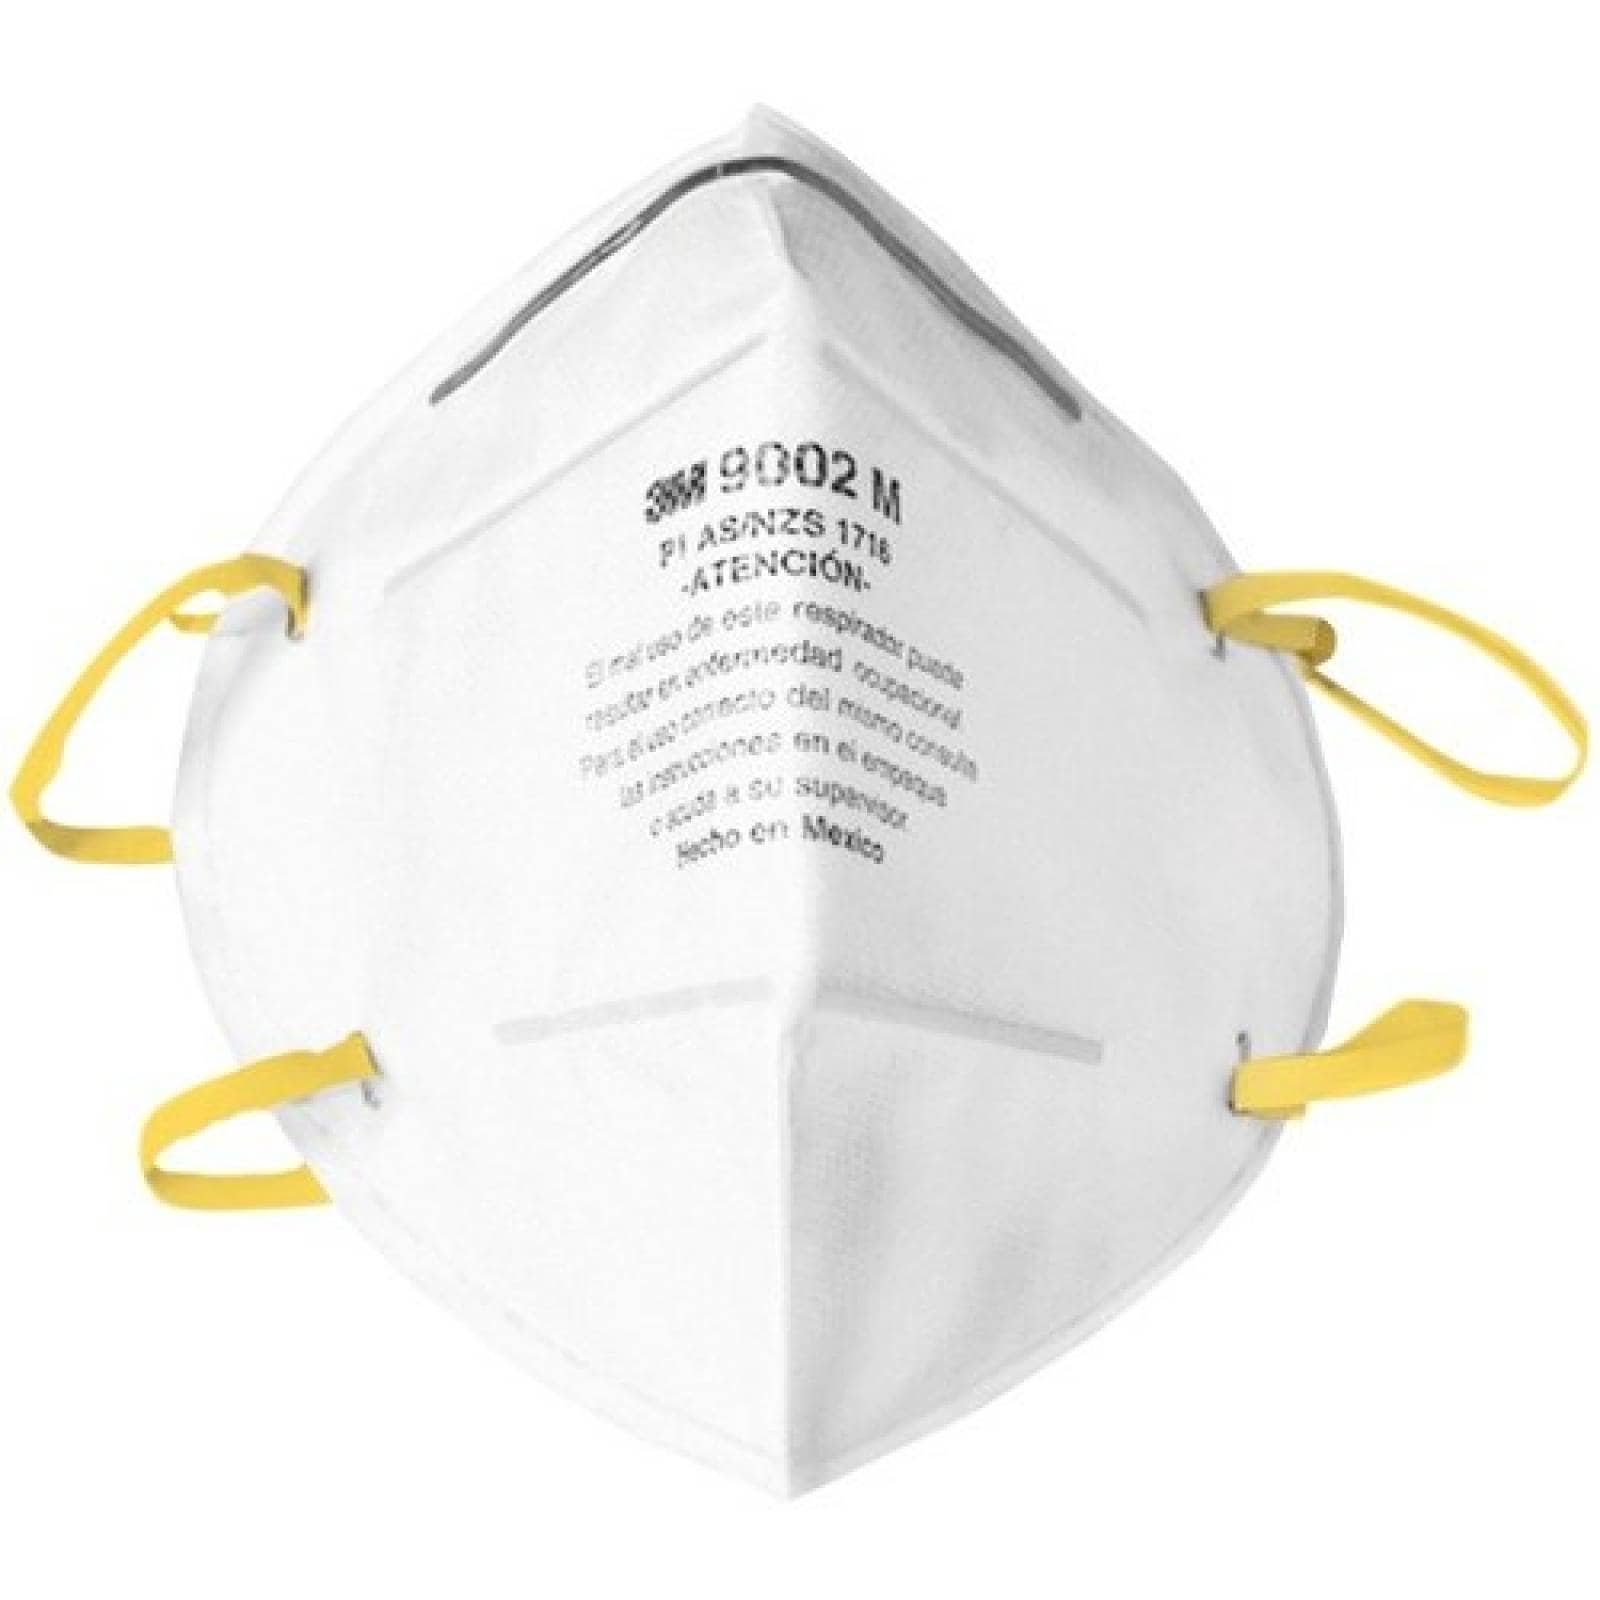 Mascarilla Respirador Polvo 9002M Tres M